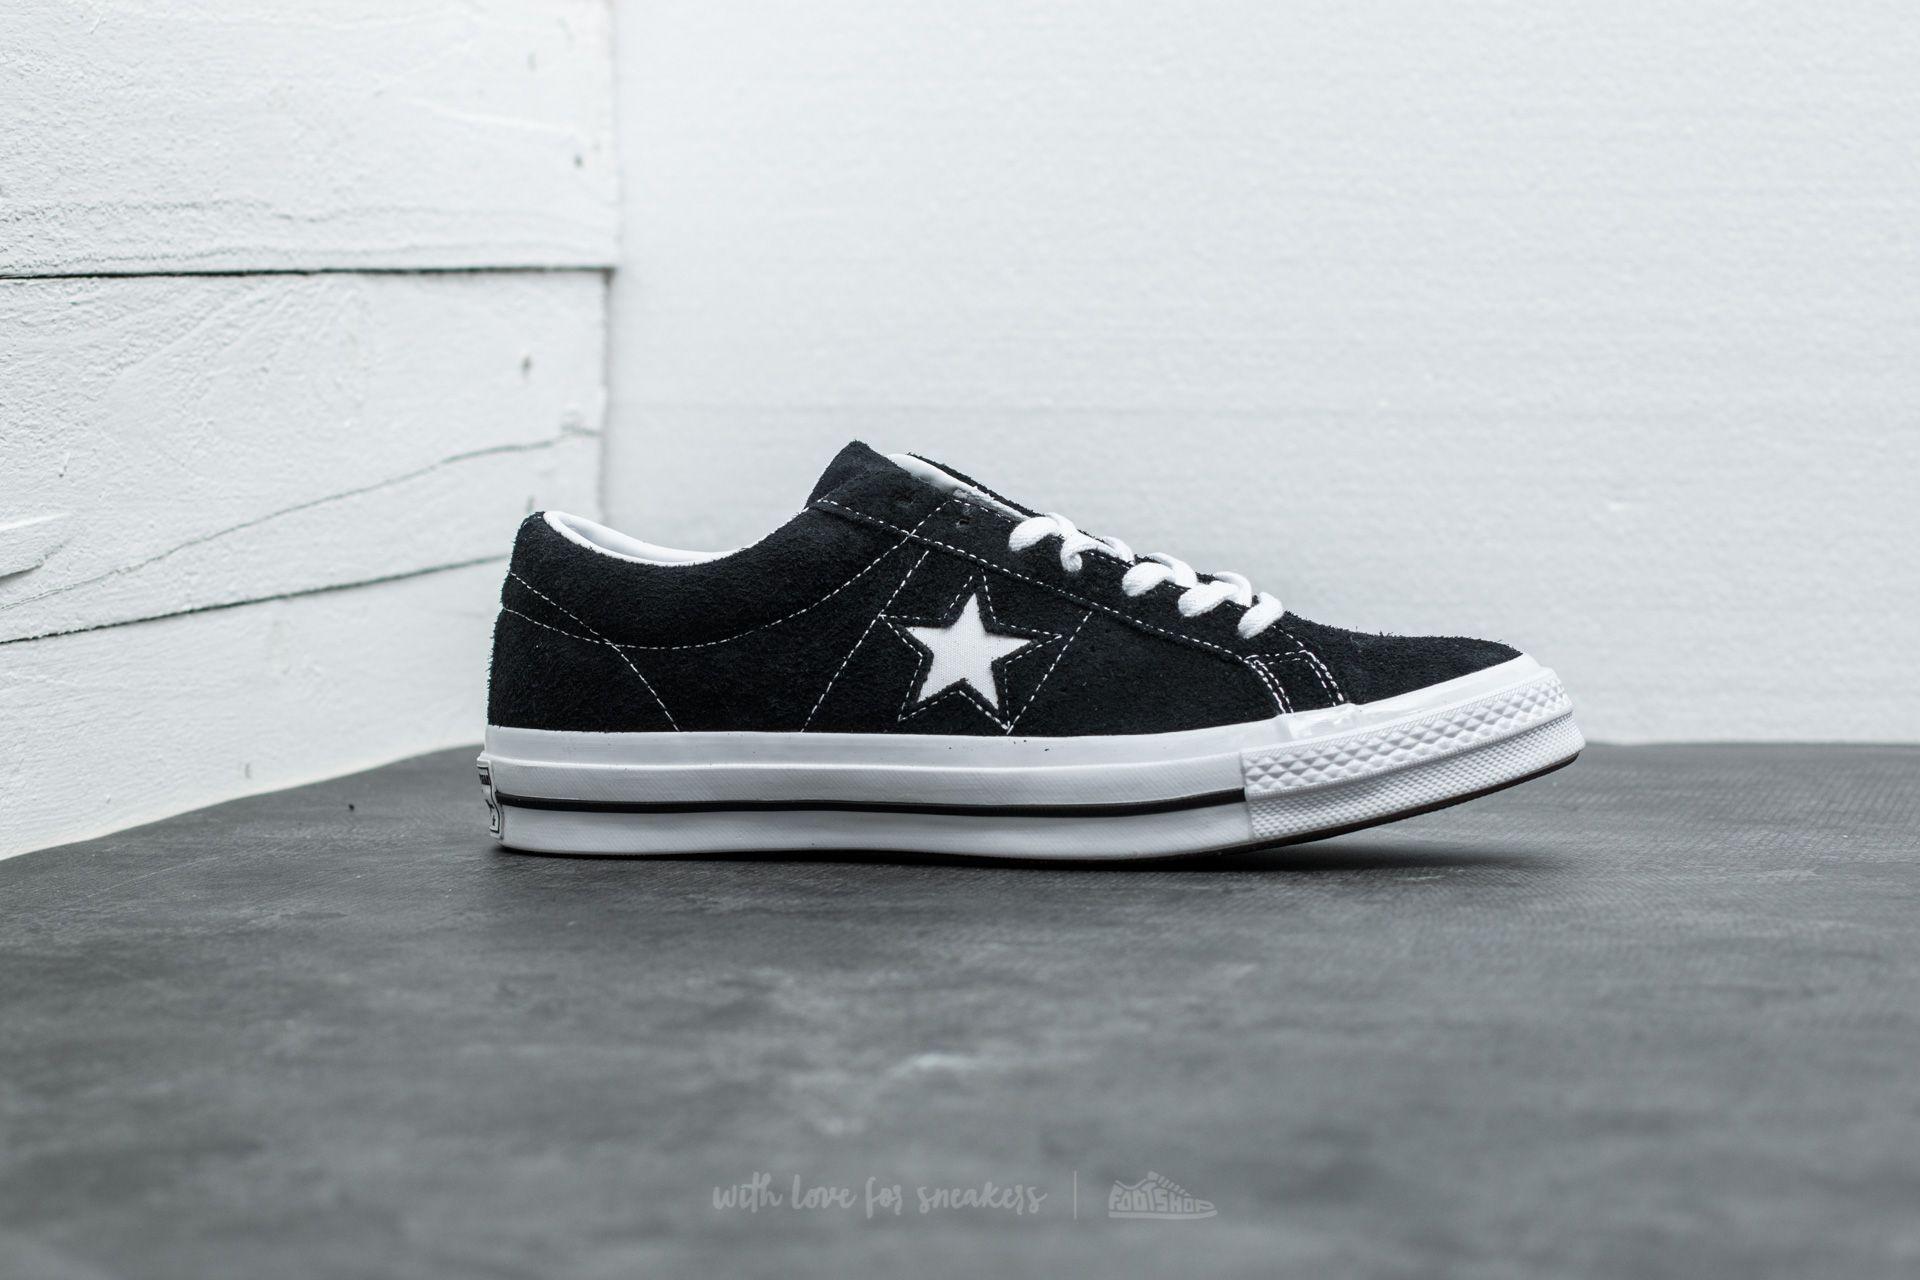 Altitud intersección tienda de comestibles  Men's shoes Converse One Star '74 Black/ White/ White | Footshop